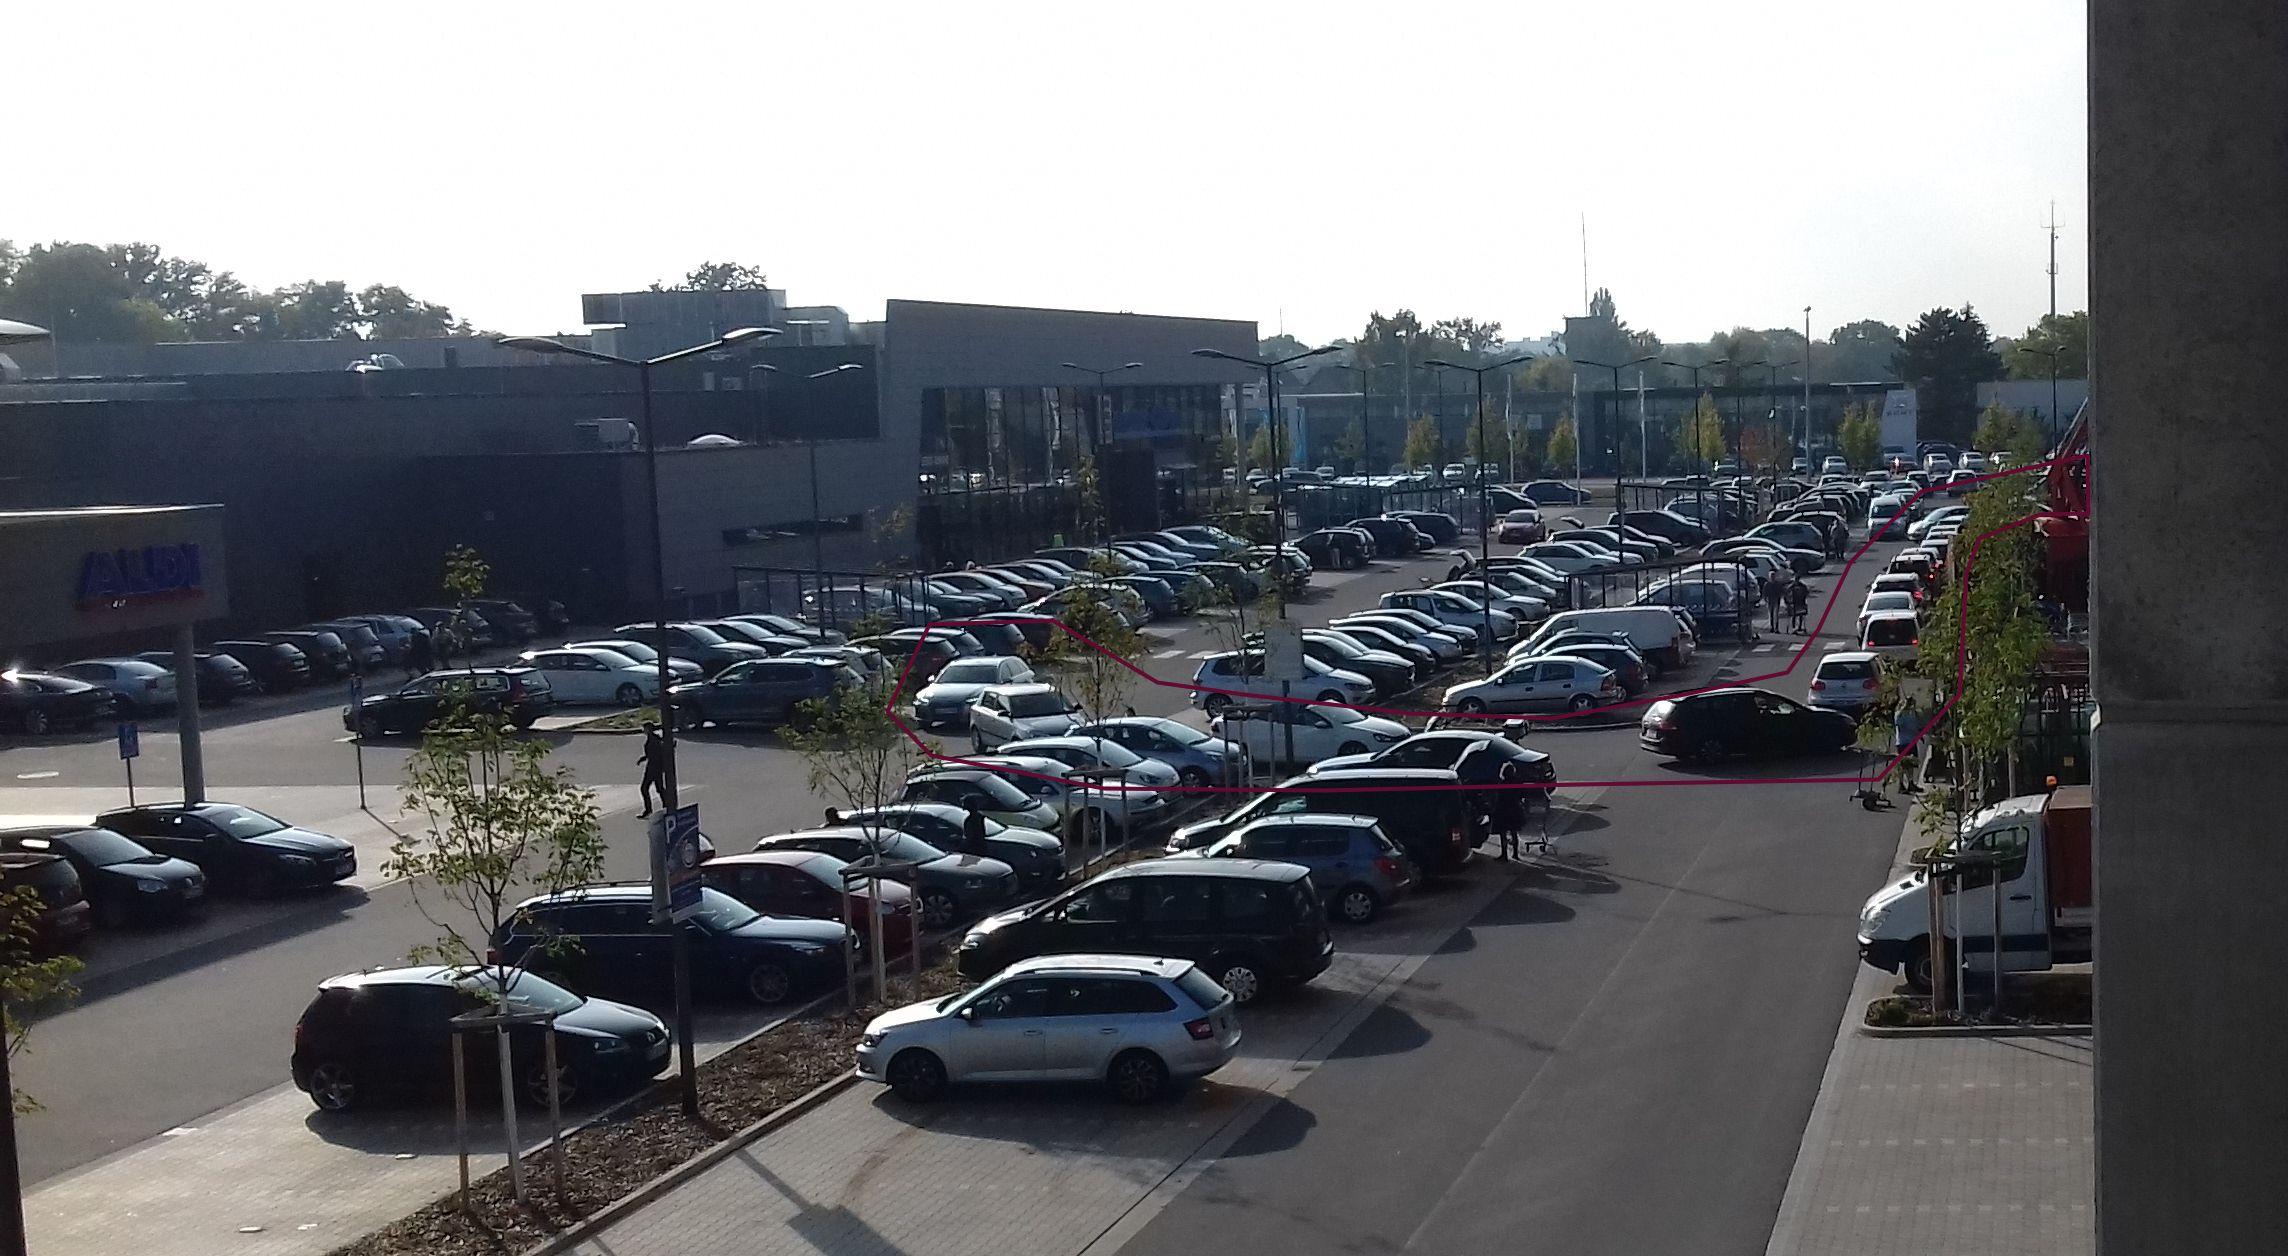 Parkplatz des E-Centers wo den Stau der einzigen, viel zu engen Zufahrtsstraße sieht